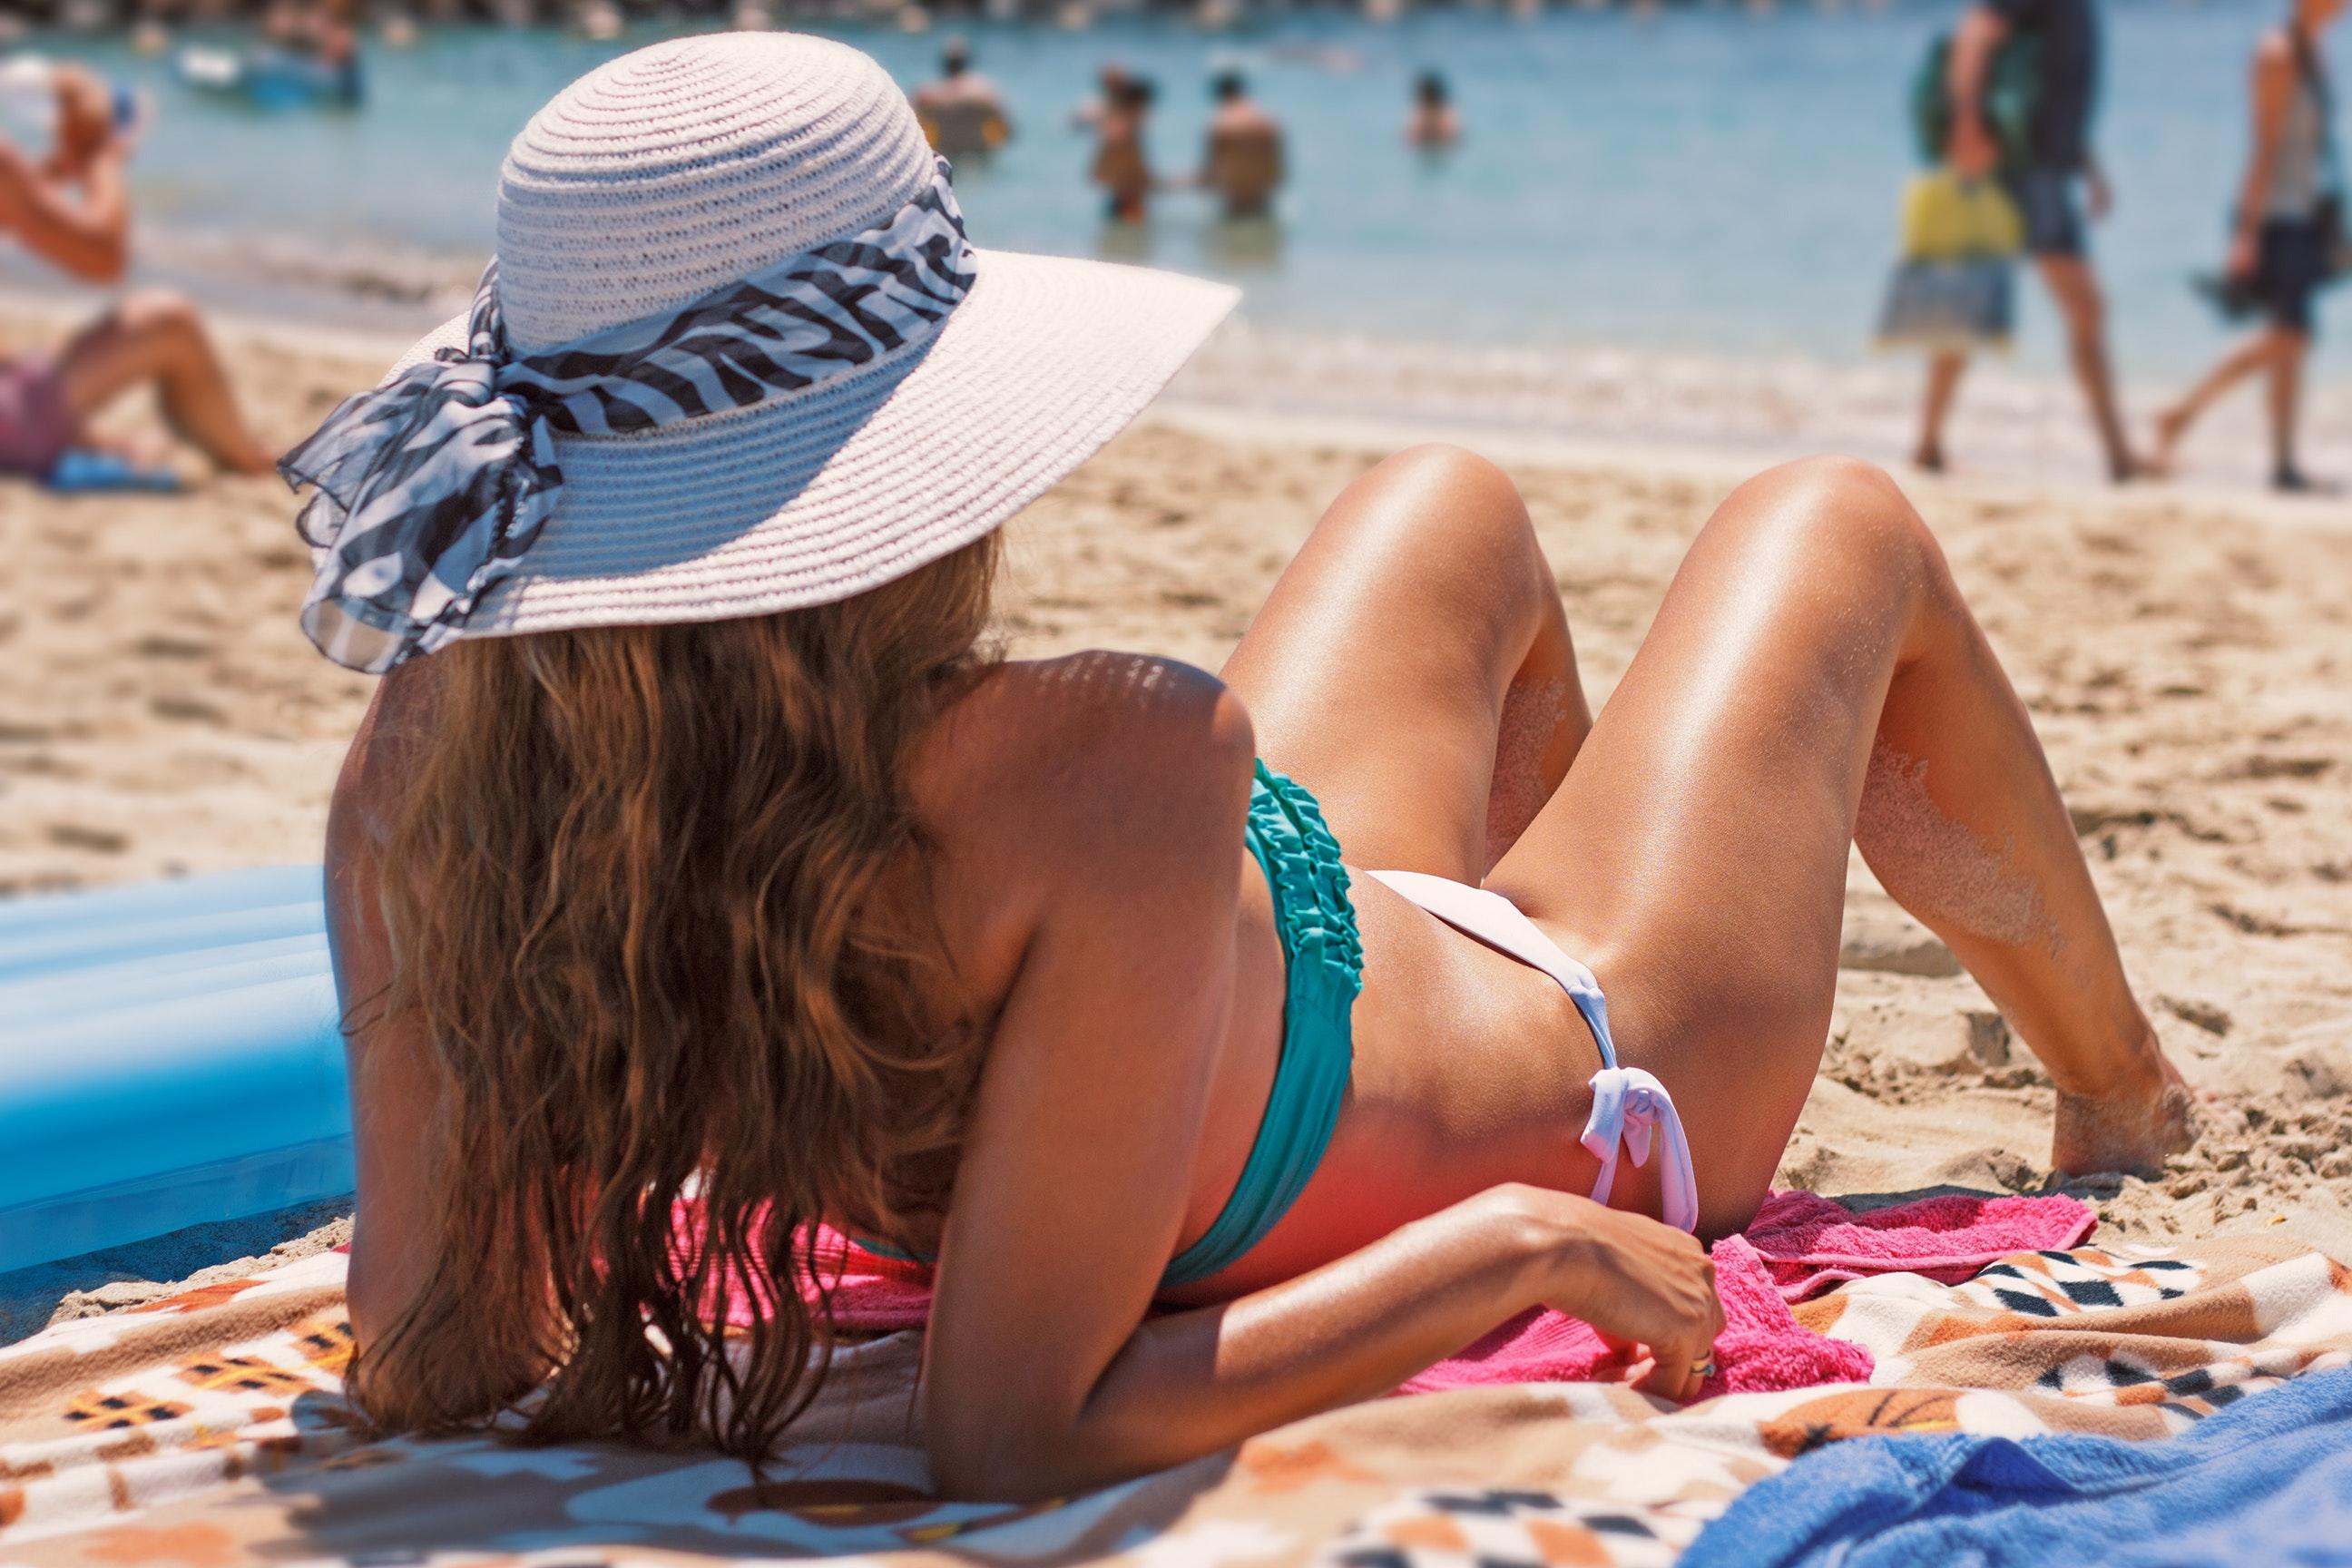 Ochrona skóry przed szkodliwym promieniowaniem